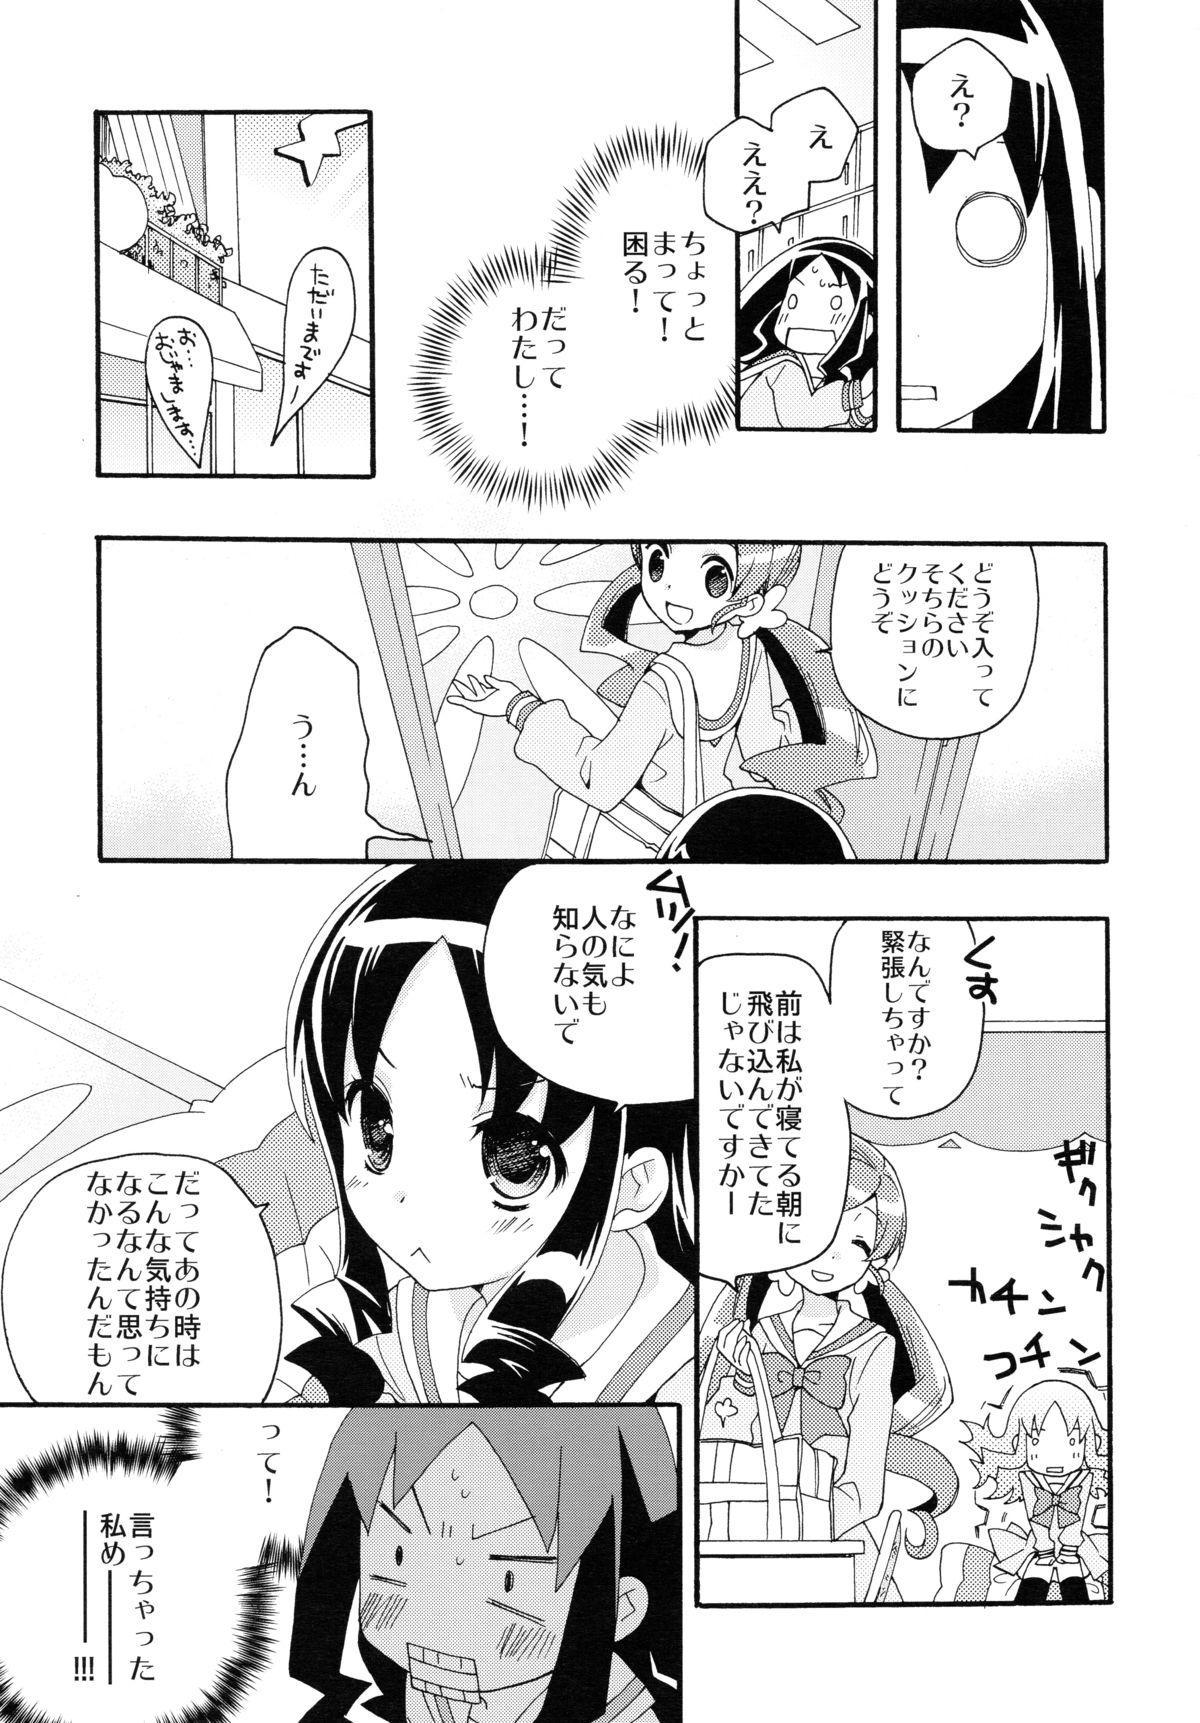 Hajimemashite no Mahou 13